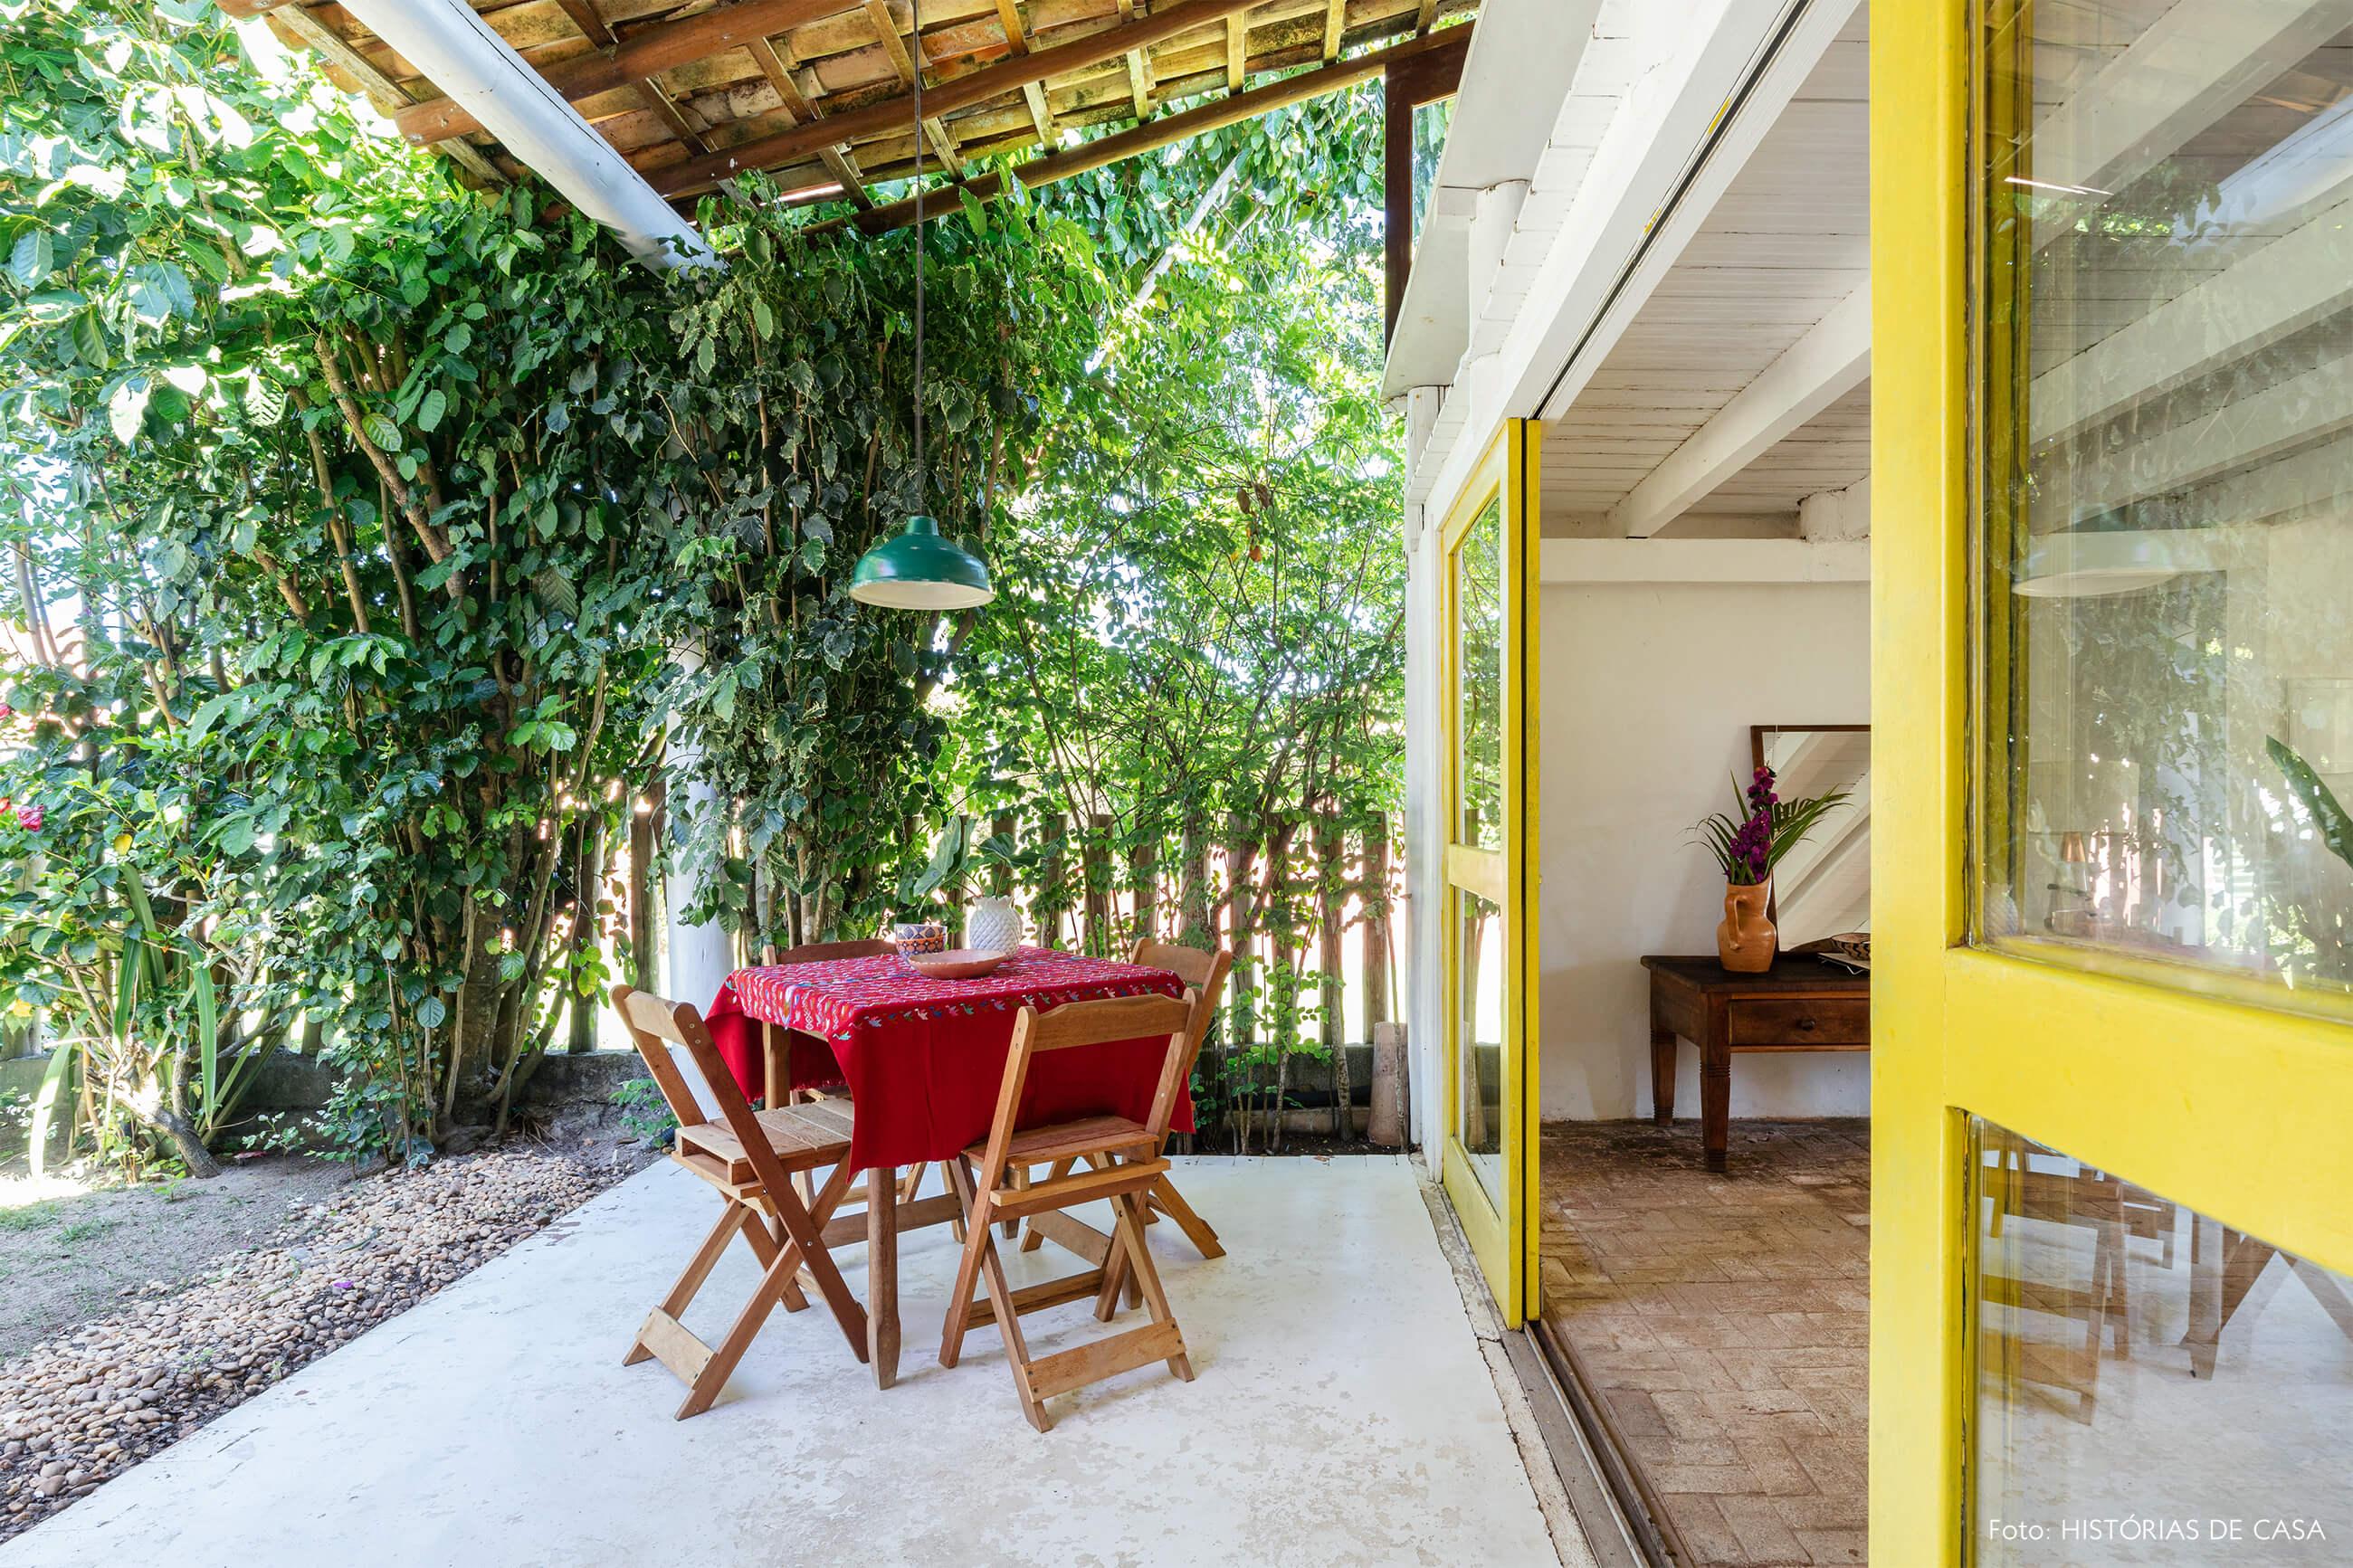 flavia-decoração-trancoso-varanda-com-mesa-de-madeira